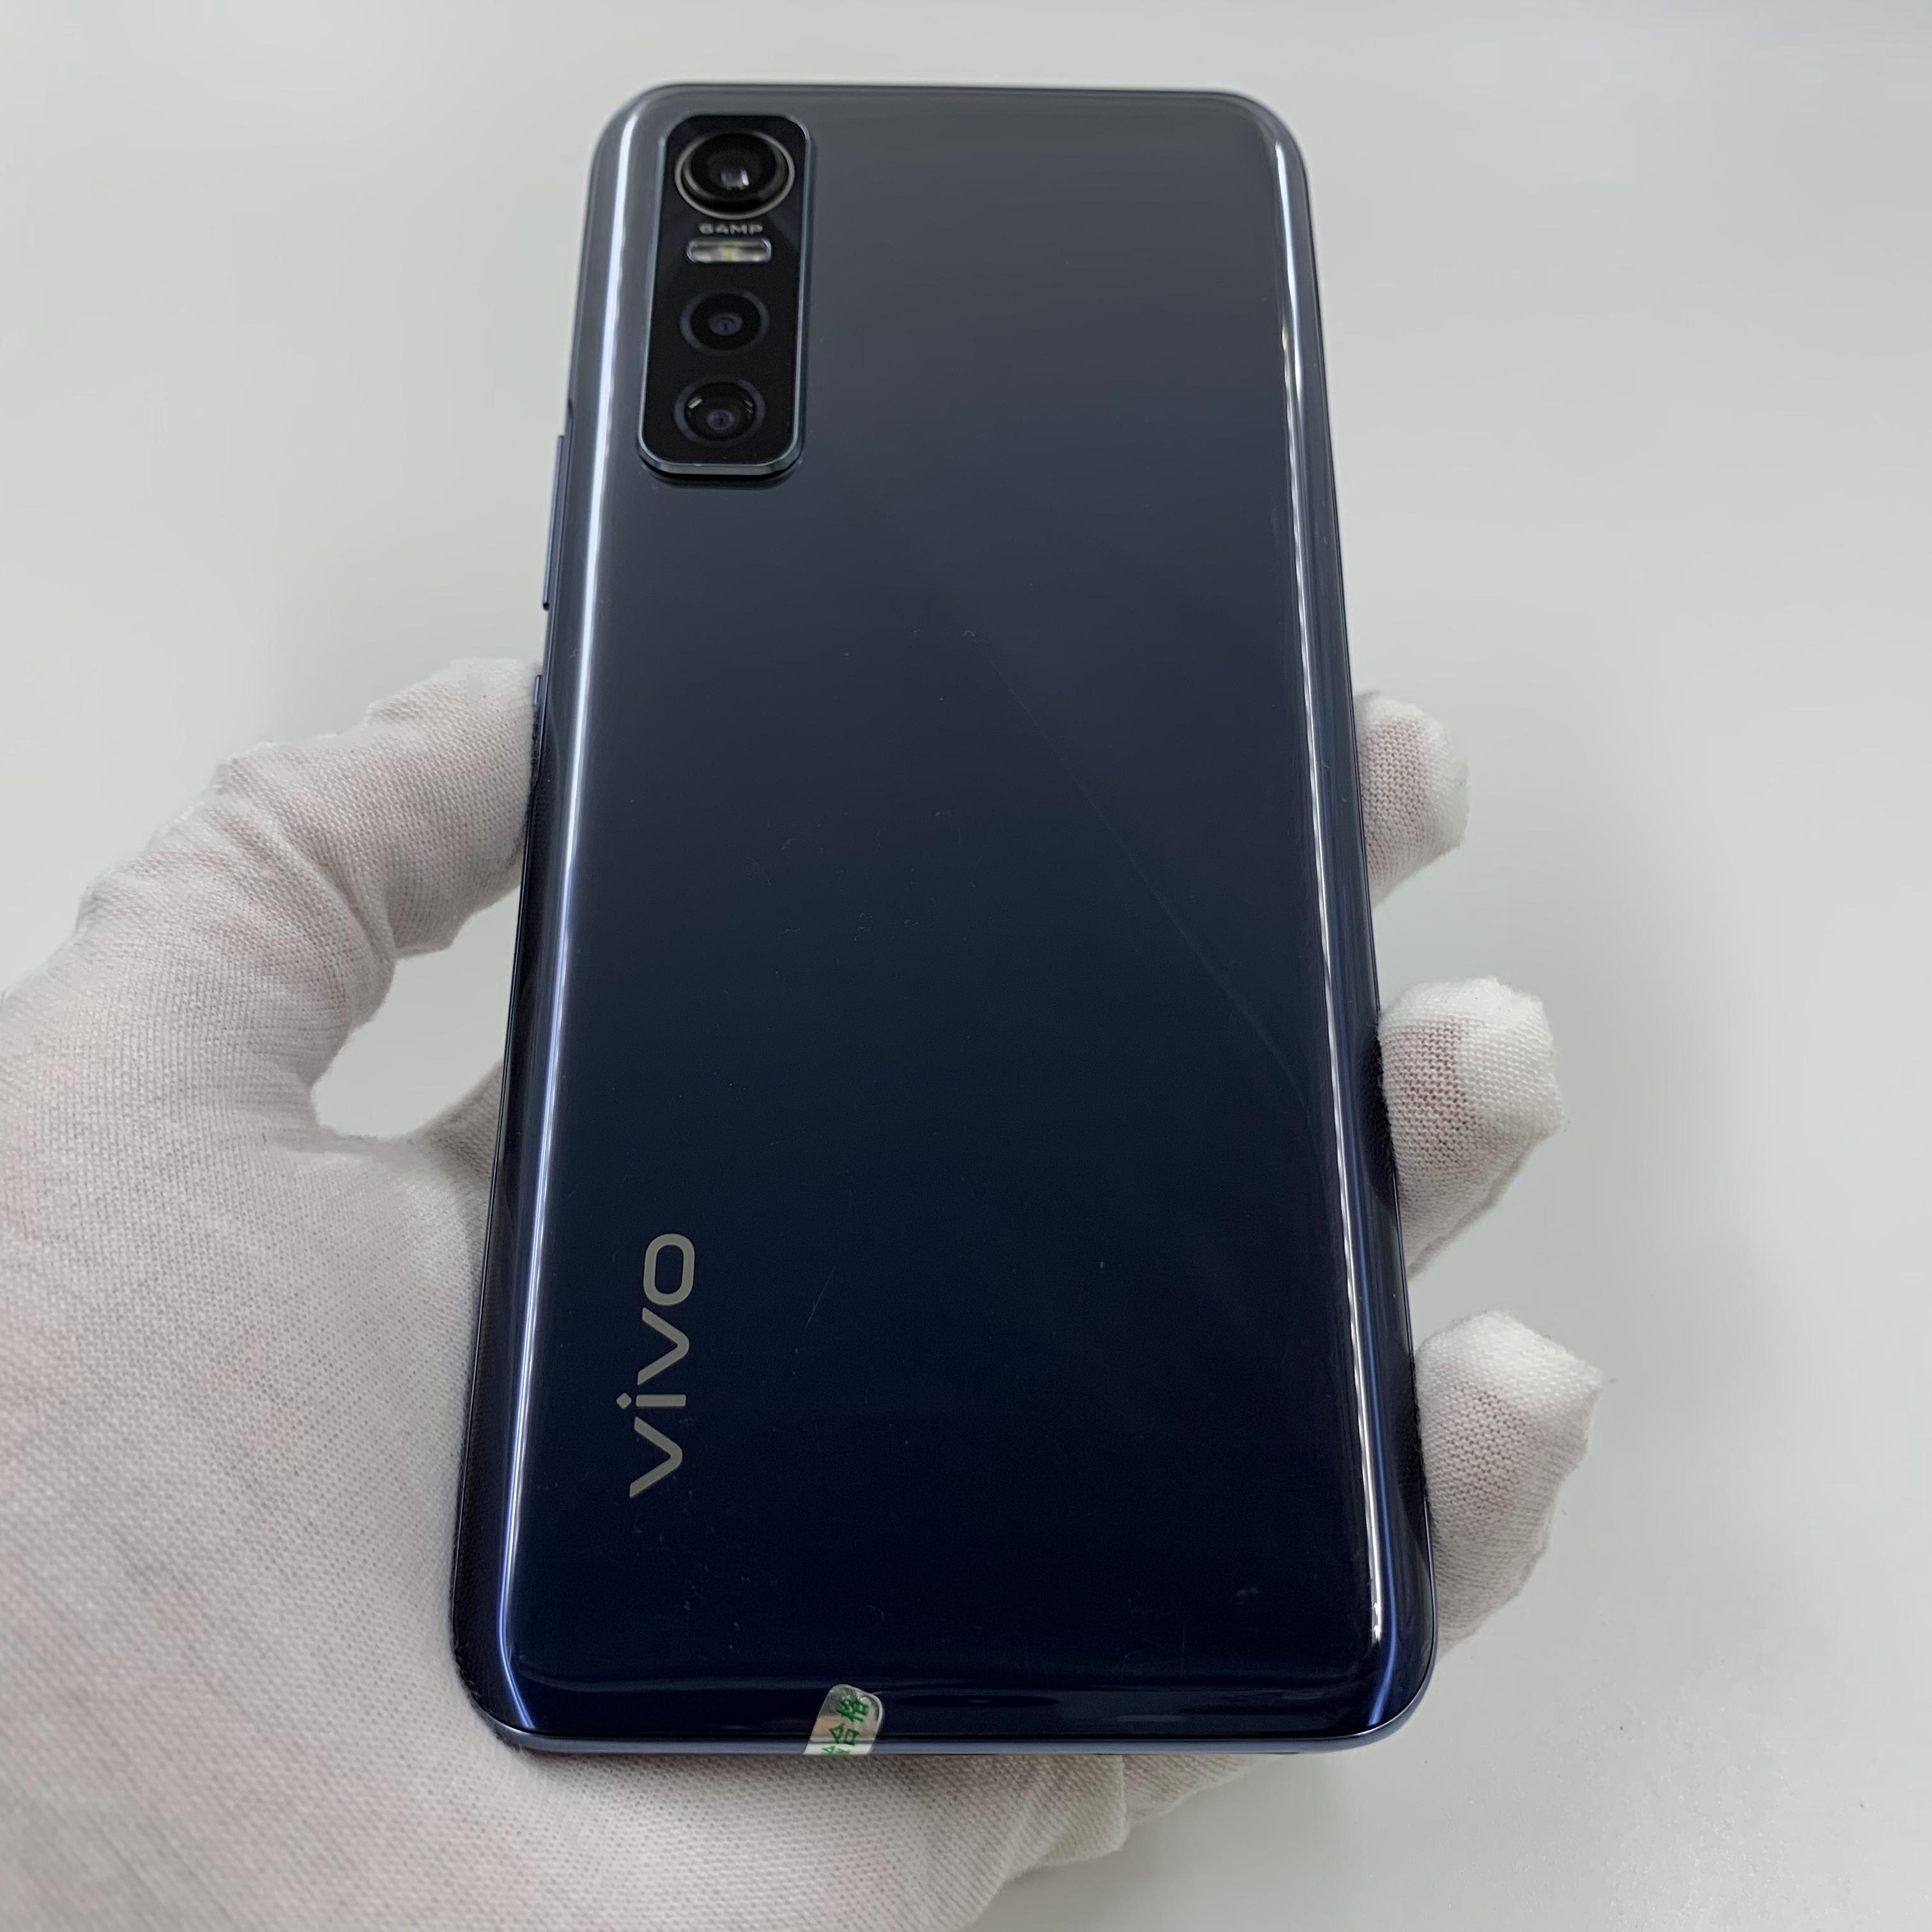 vivo【S7e活力版 5G】5G全网通 黑镜 8G/256G 国行 8成新 真机实拍